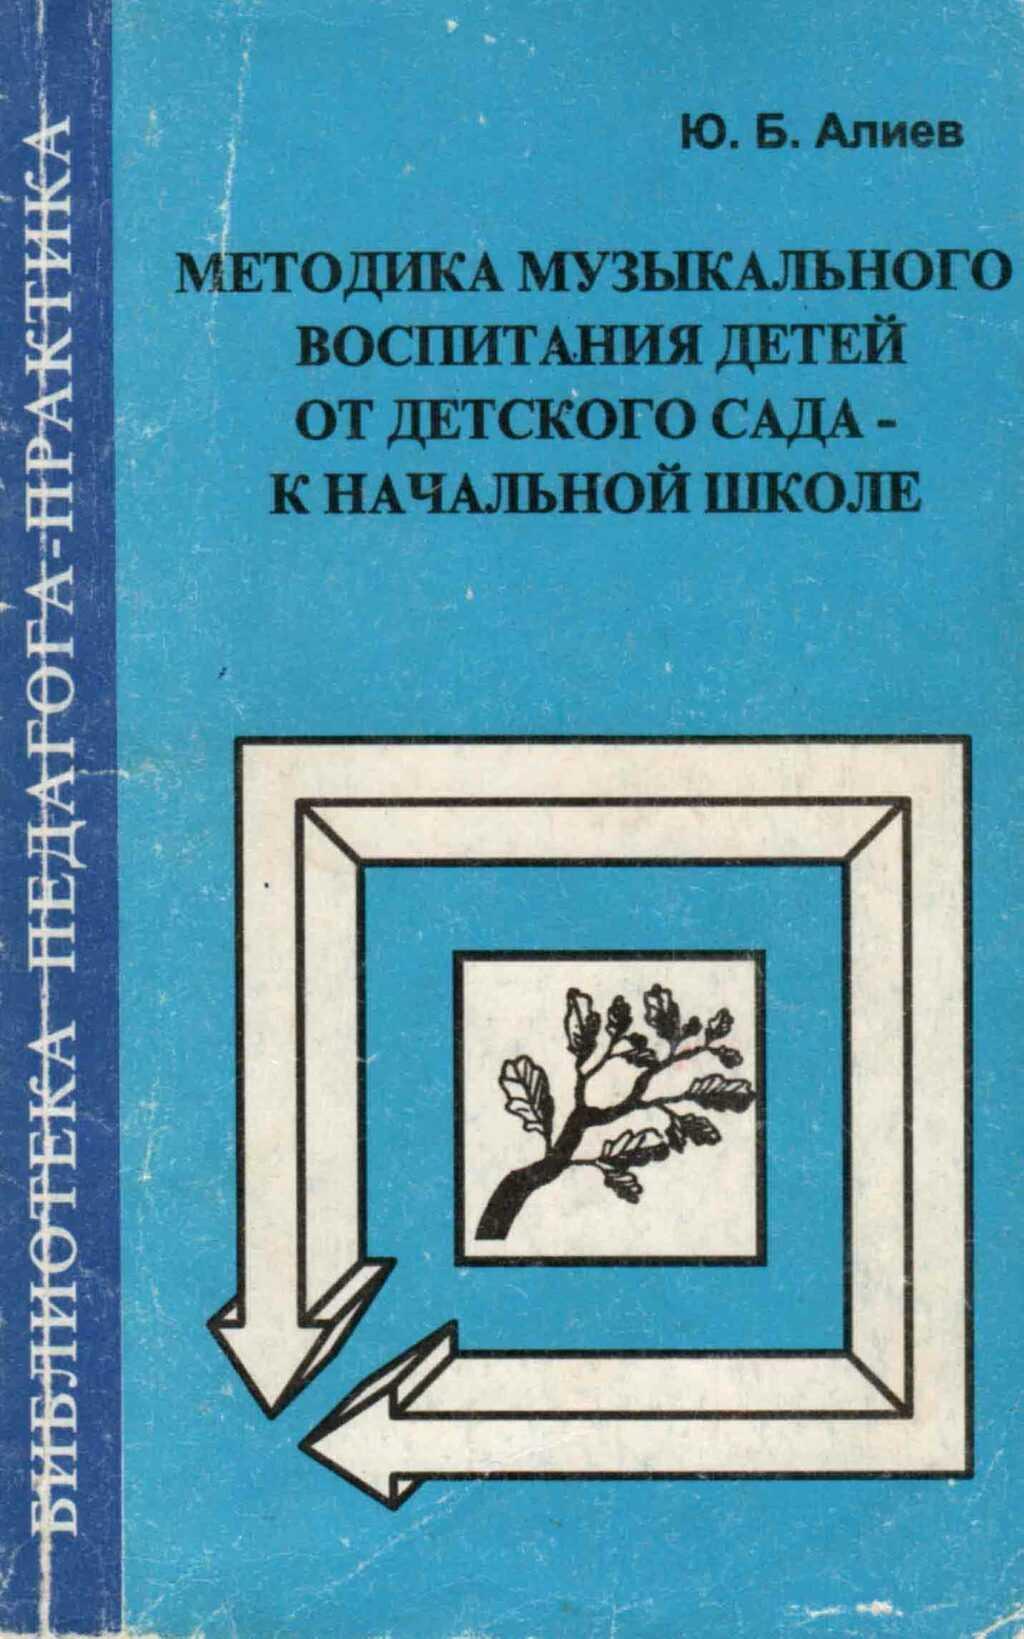 Методика музыкального воспитания детей от детского сада к начальной школе. Алиев Ю.Б.